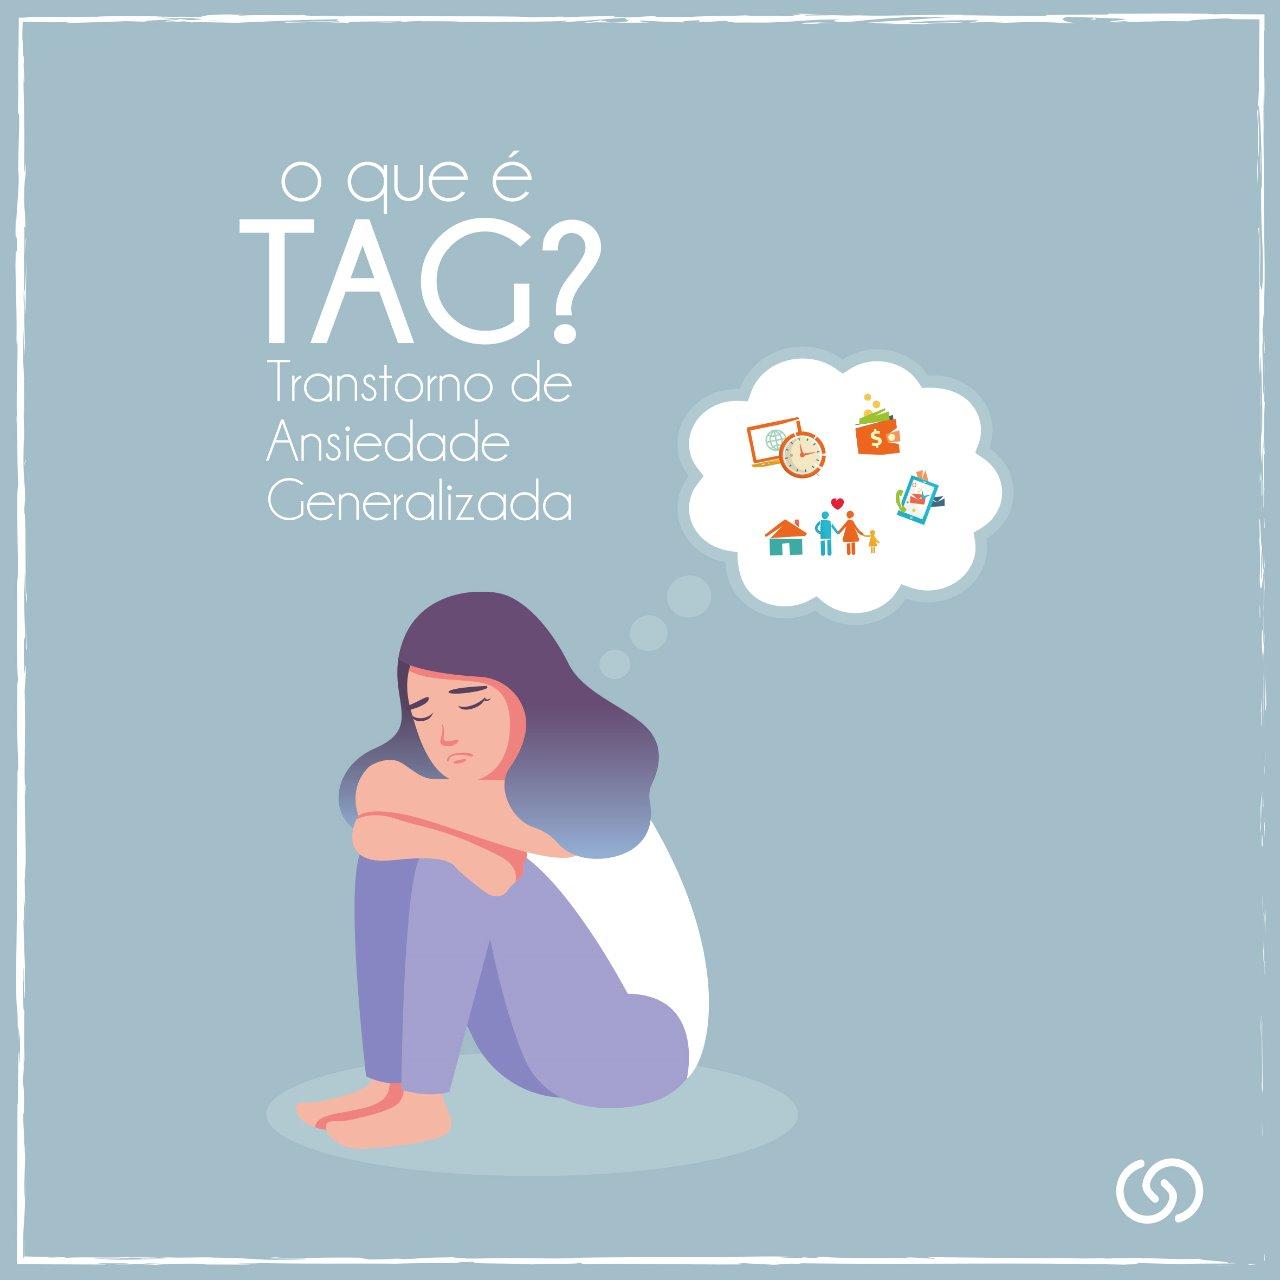 Transtorno de Ansiedade Generalizada (TAG)